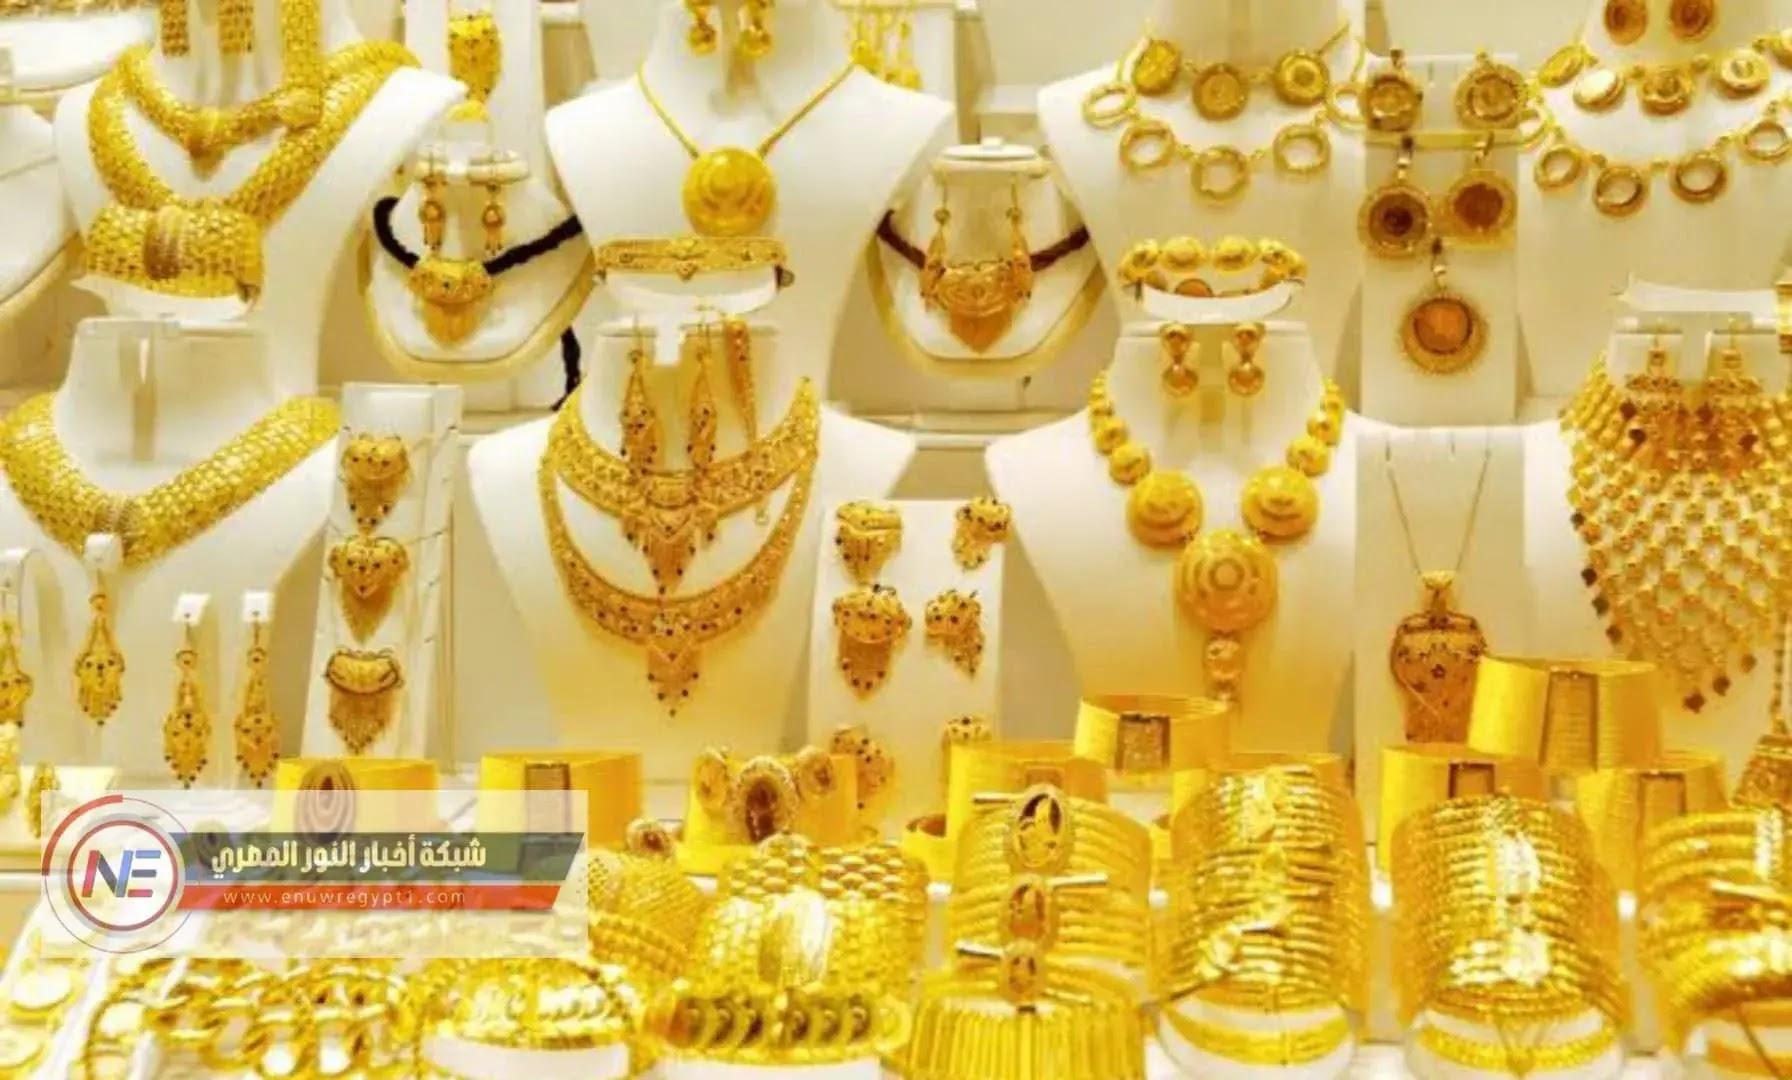 تحديث يومي | اسعار الذهب اليوم الجمعة 26-03-2021 | هبوط سعر جرام الذهب اليوم في محلات الصاغه | سعر الذهب اليوم في مصر 2021